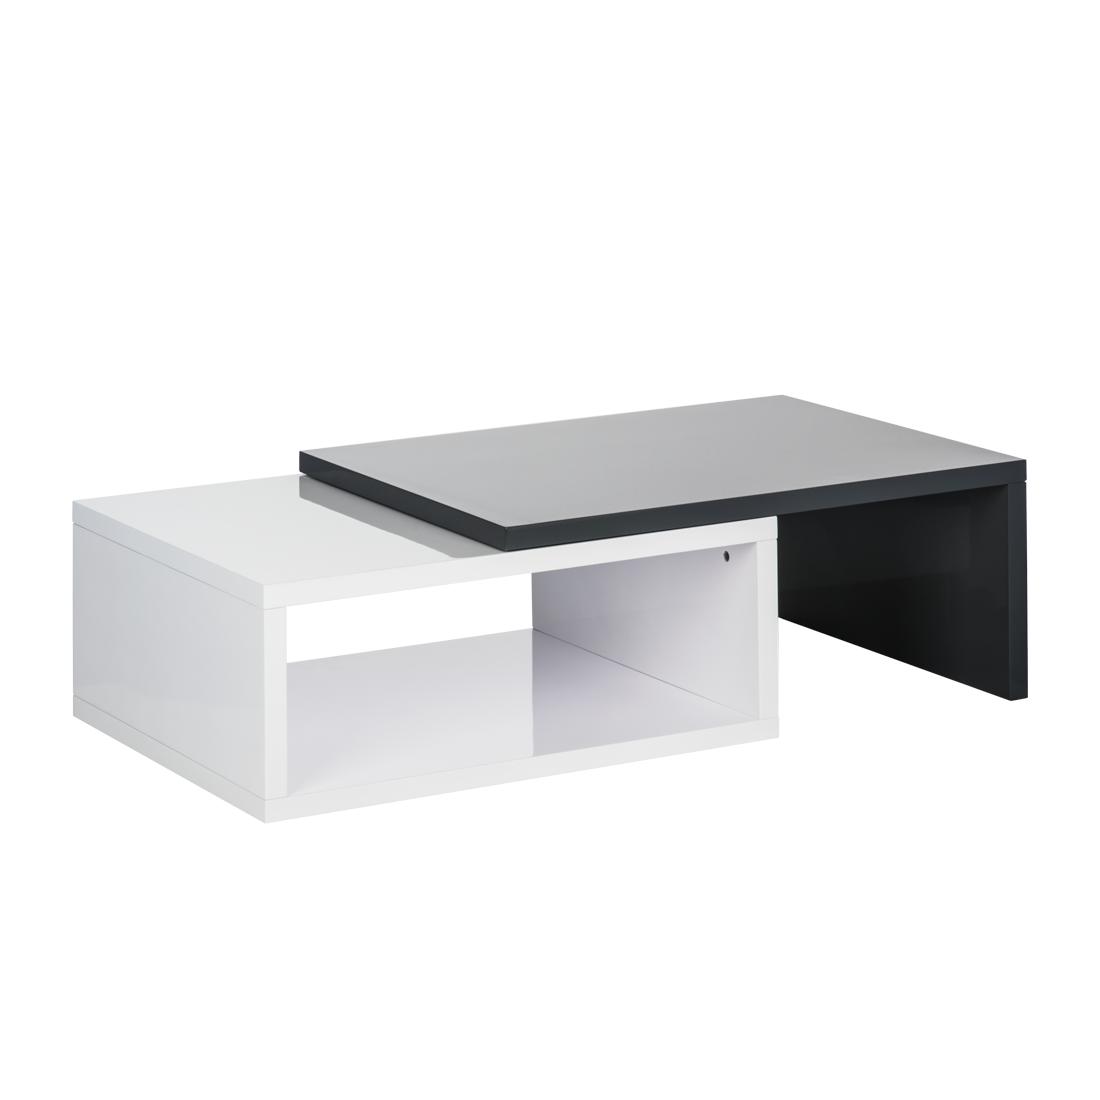 couchtisch ausziehbar wei grau hochglanz beistelltisch. Black Bedroom Furniture Sets. Home Design Ideas